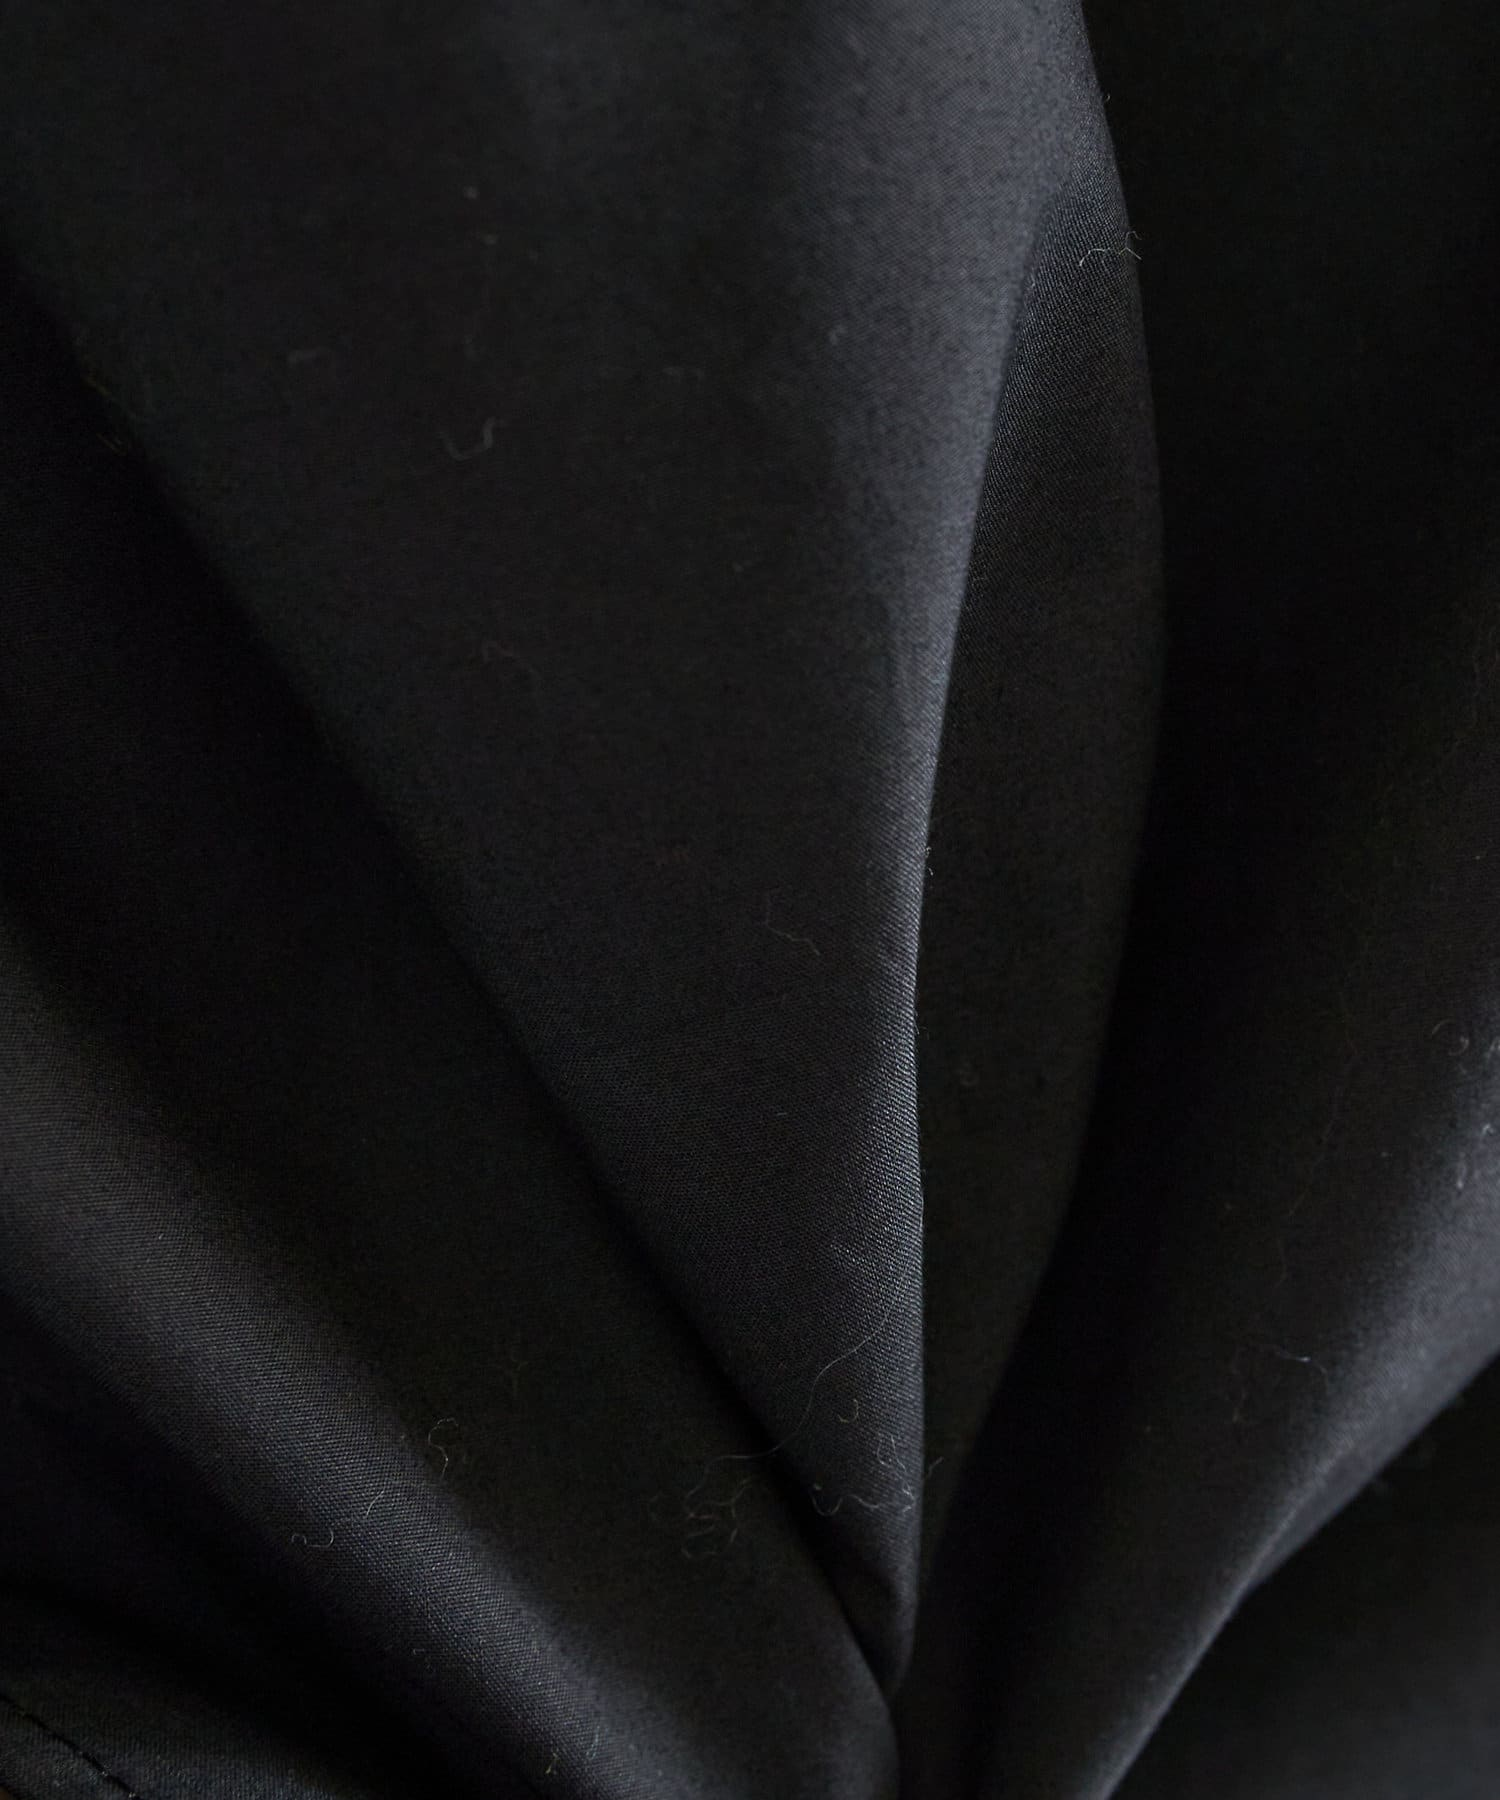 GALLARDAGALANTE(ガリャルダガランテ) キャンディスリーブブラウス【オンラインストア限定商品】